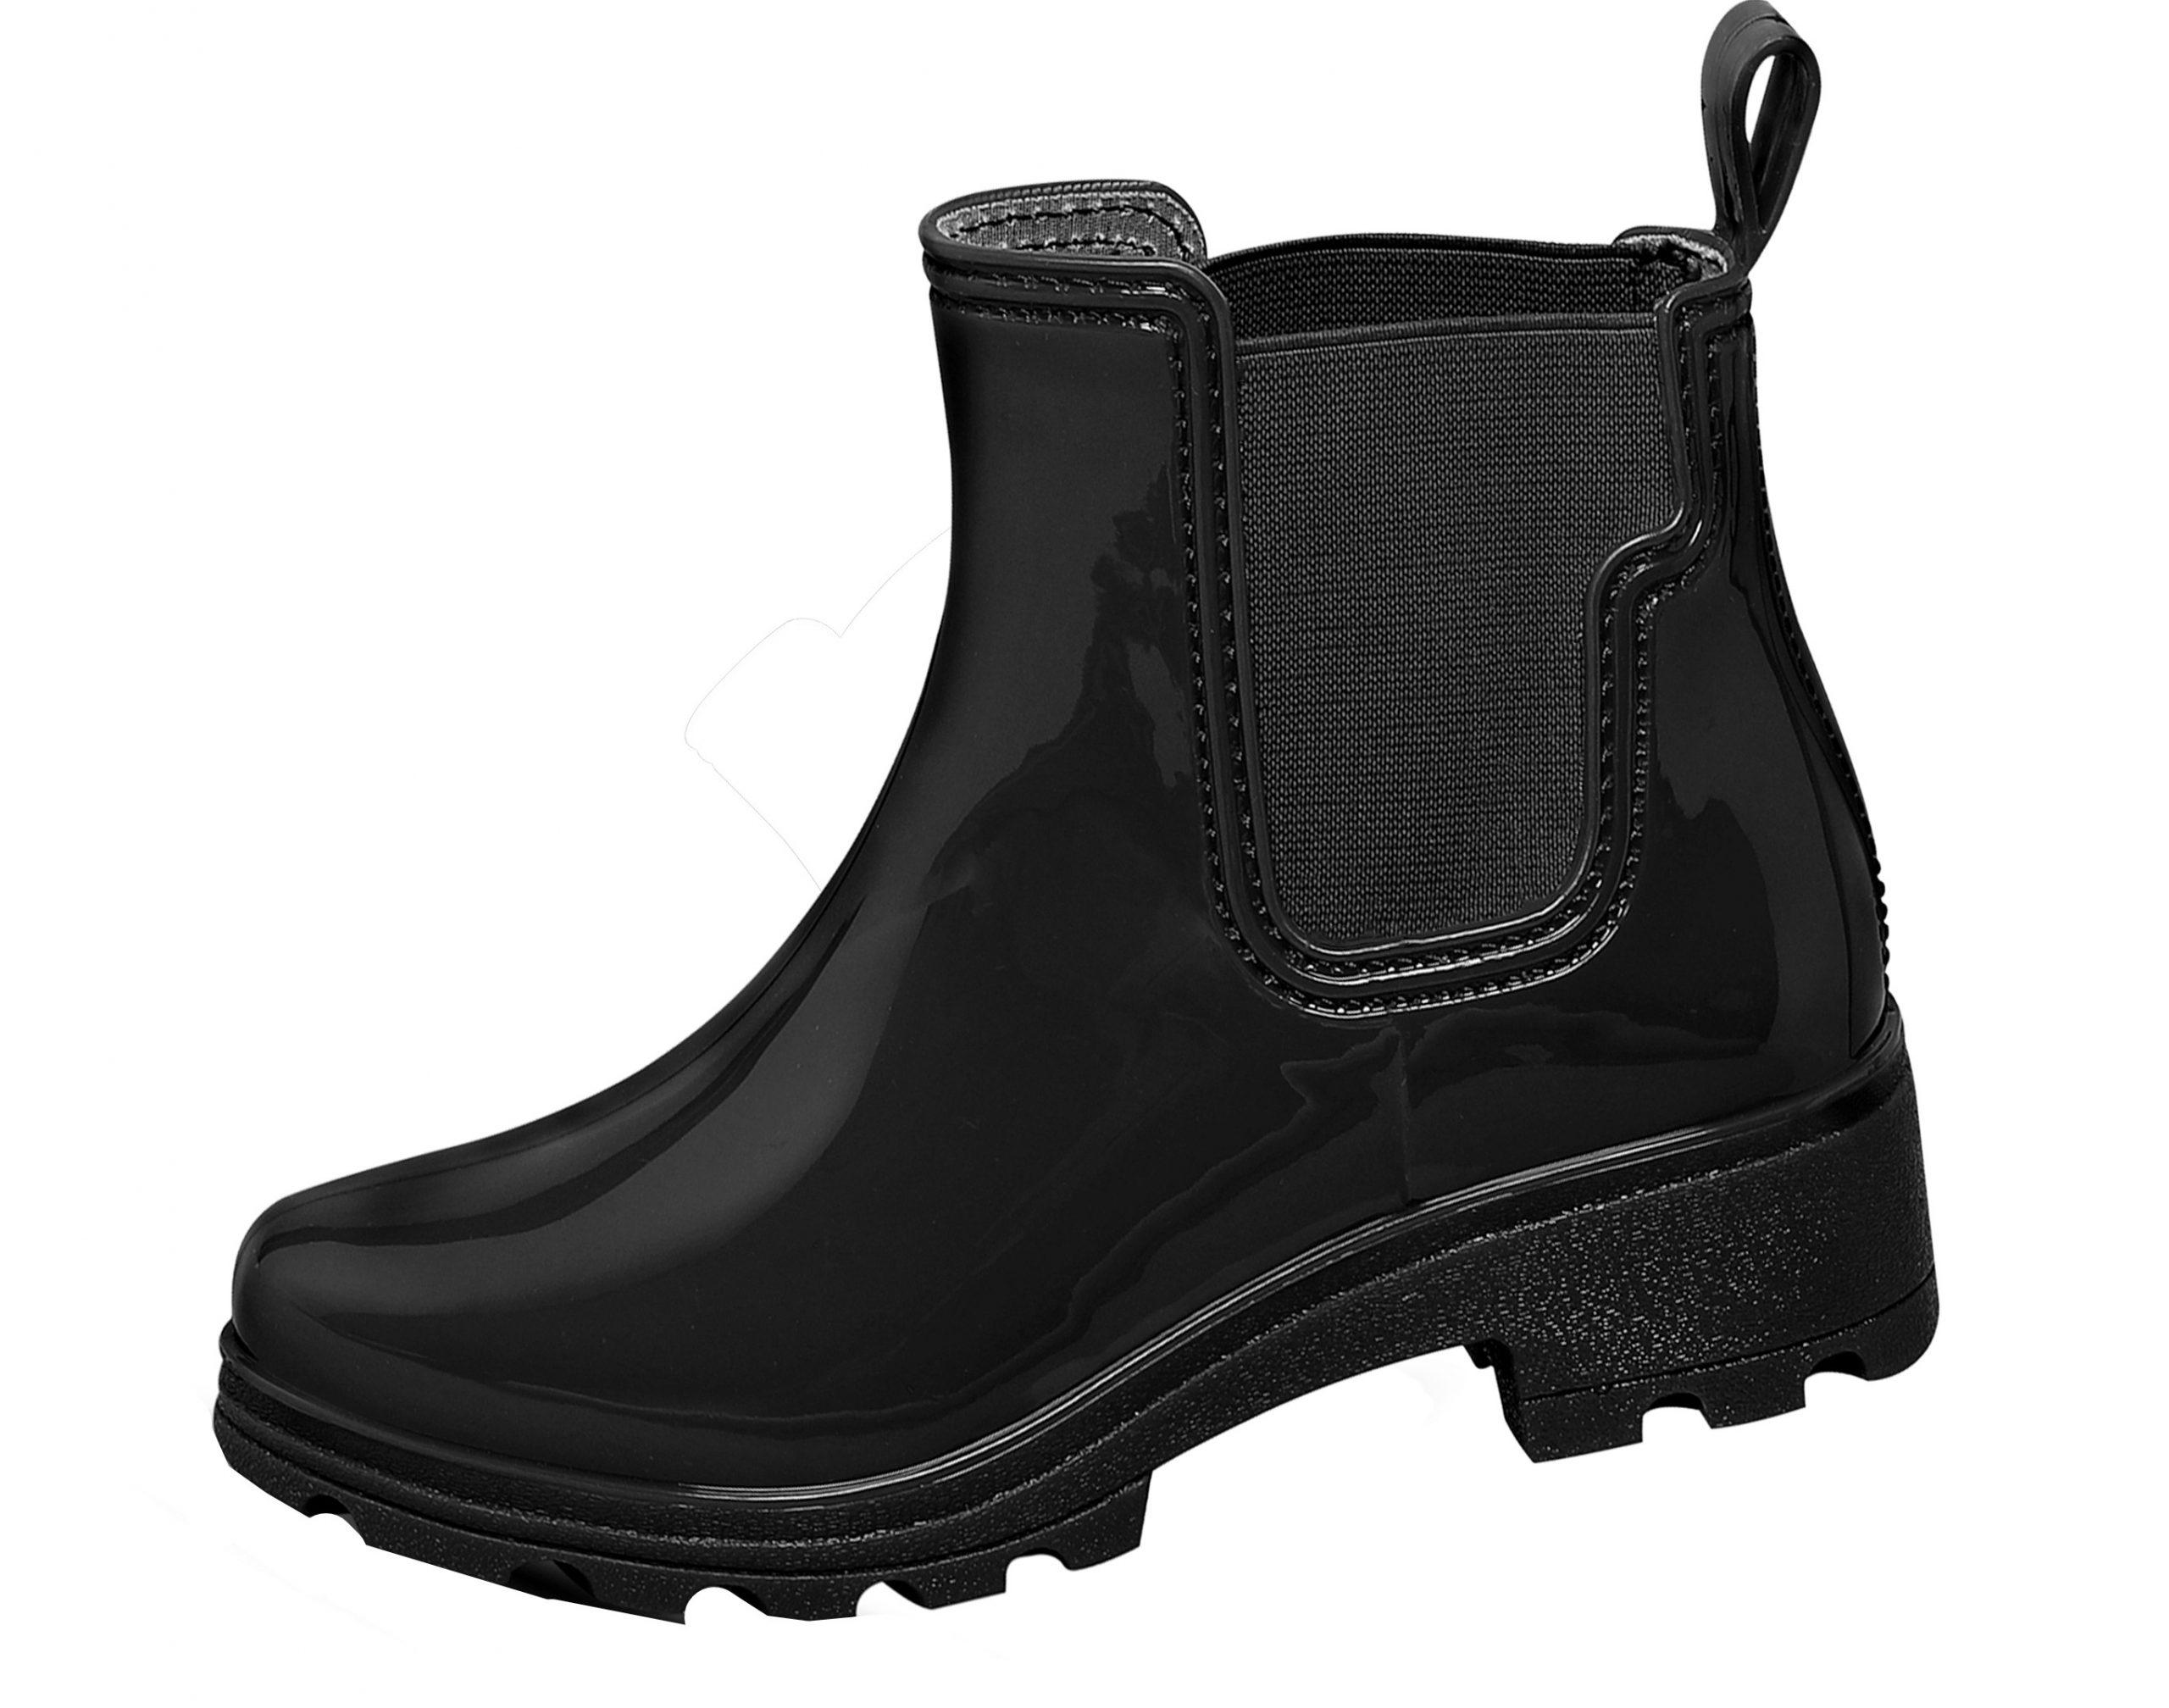 Ankle Rain Boots Black